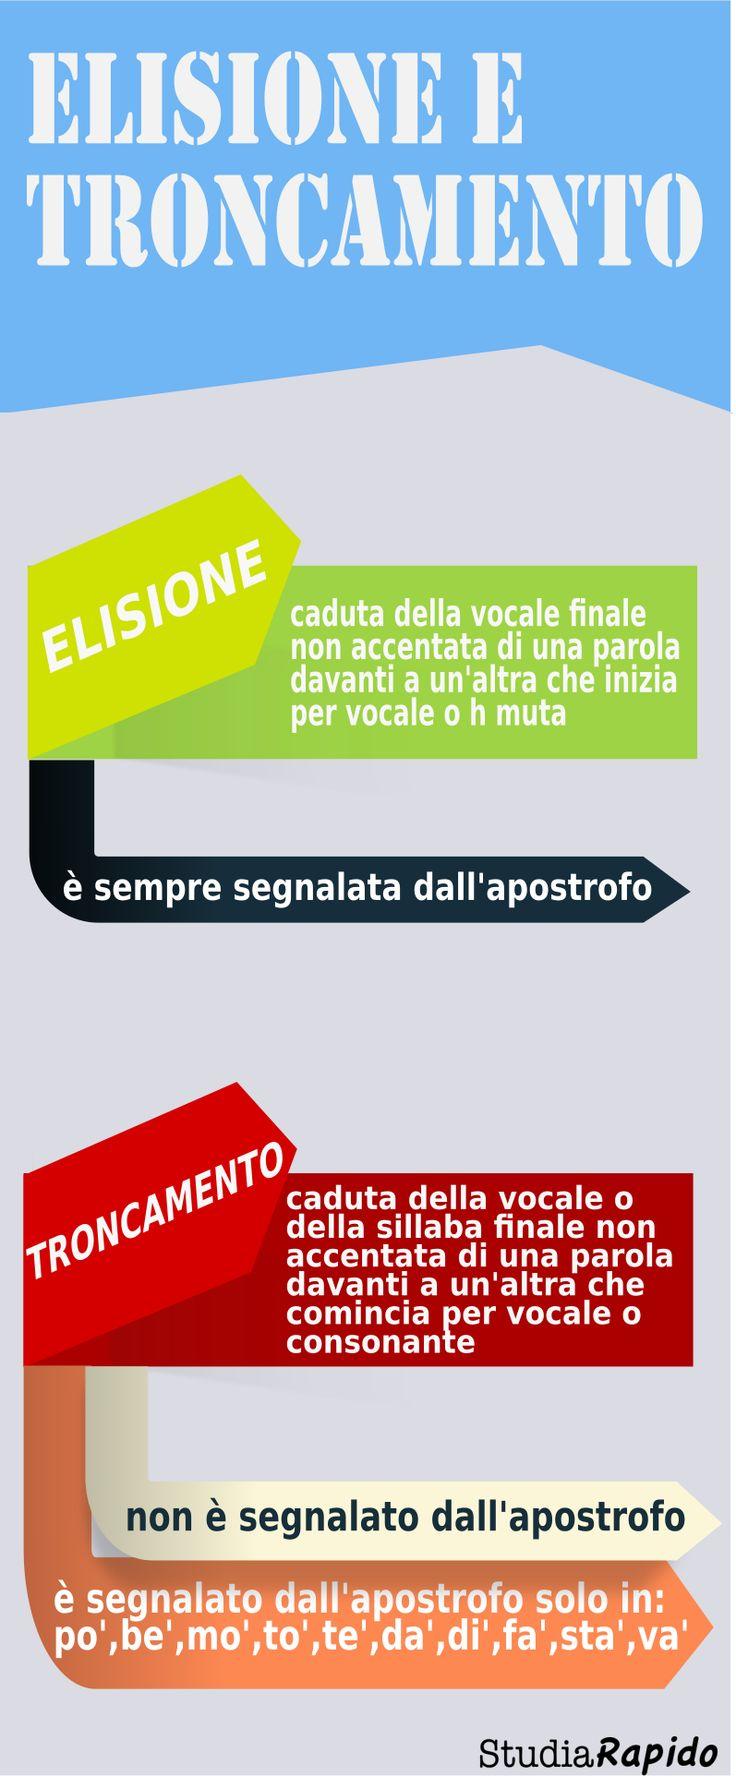 Elisione e troncamento #infografica